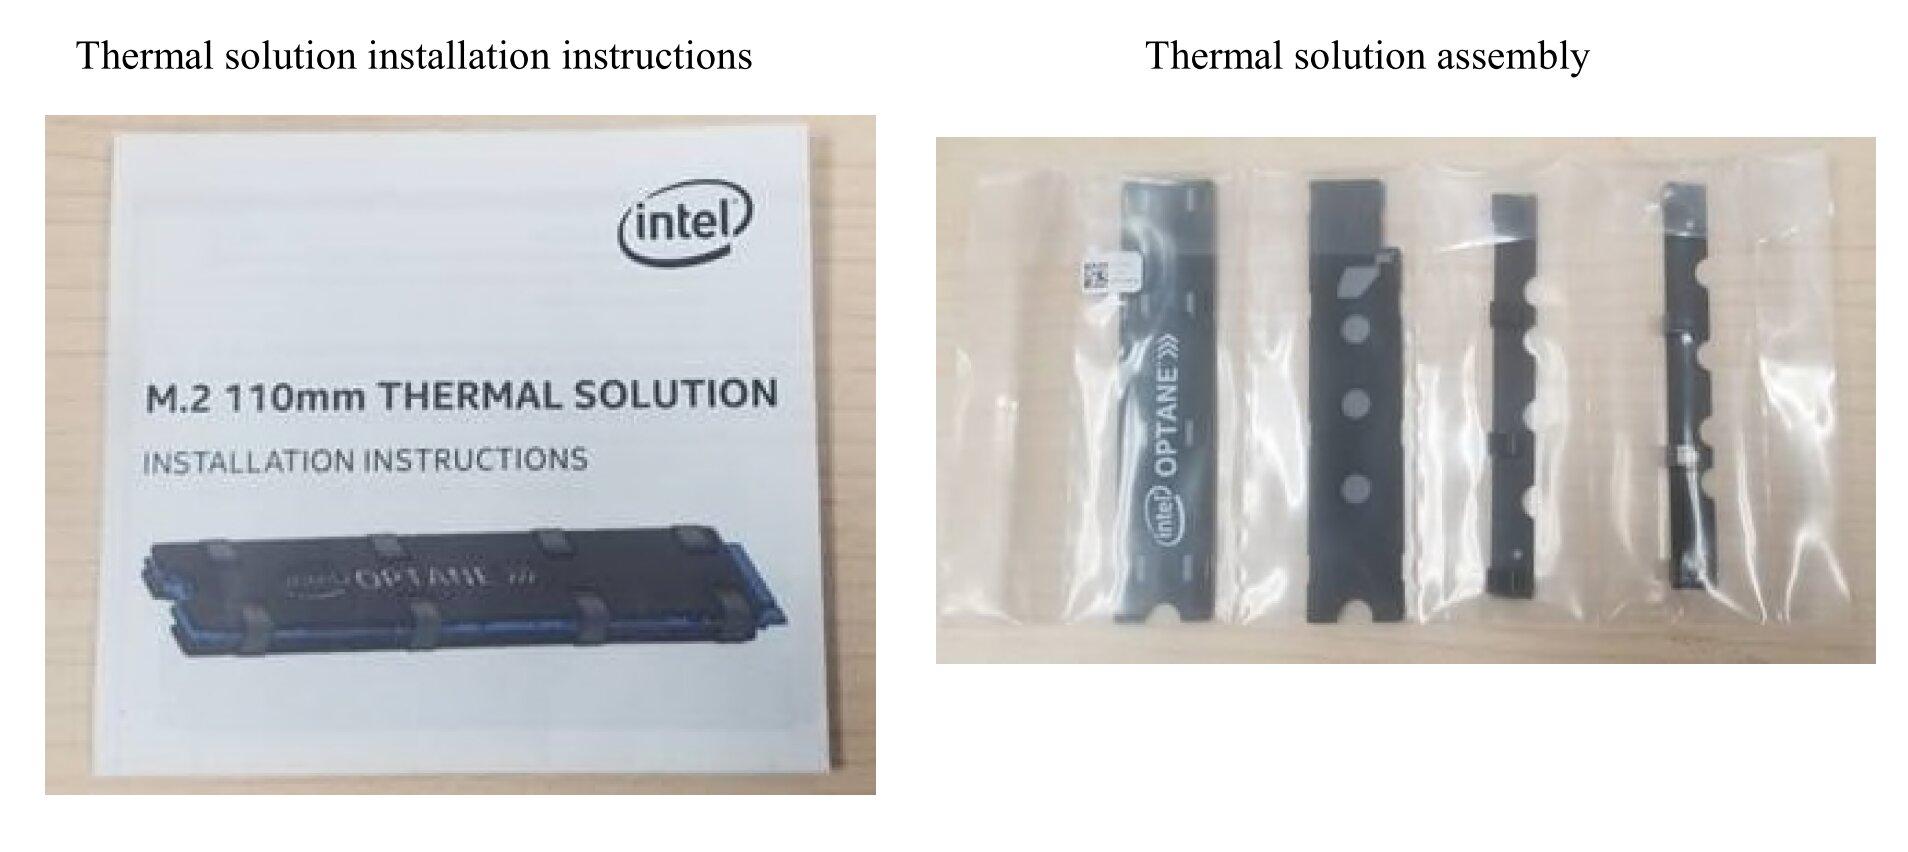 Künftig liegt der Optane SSD 905P M.2 ein Kühler bei